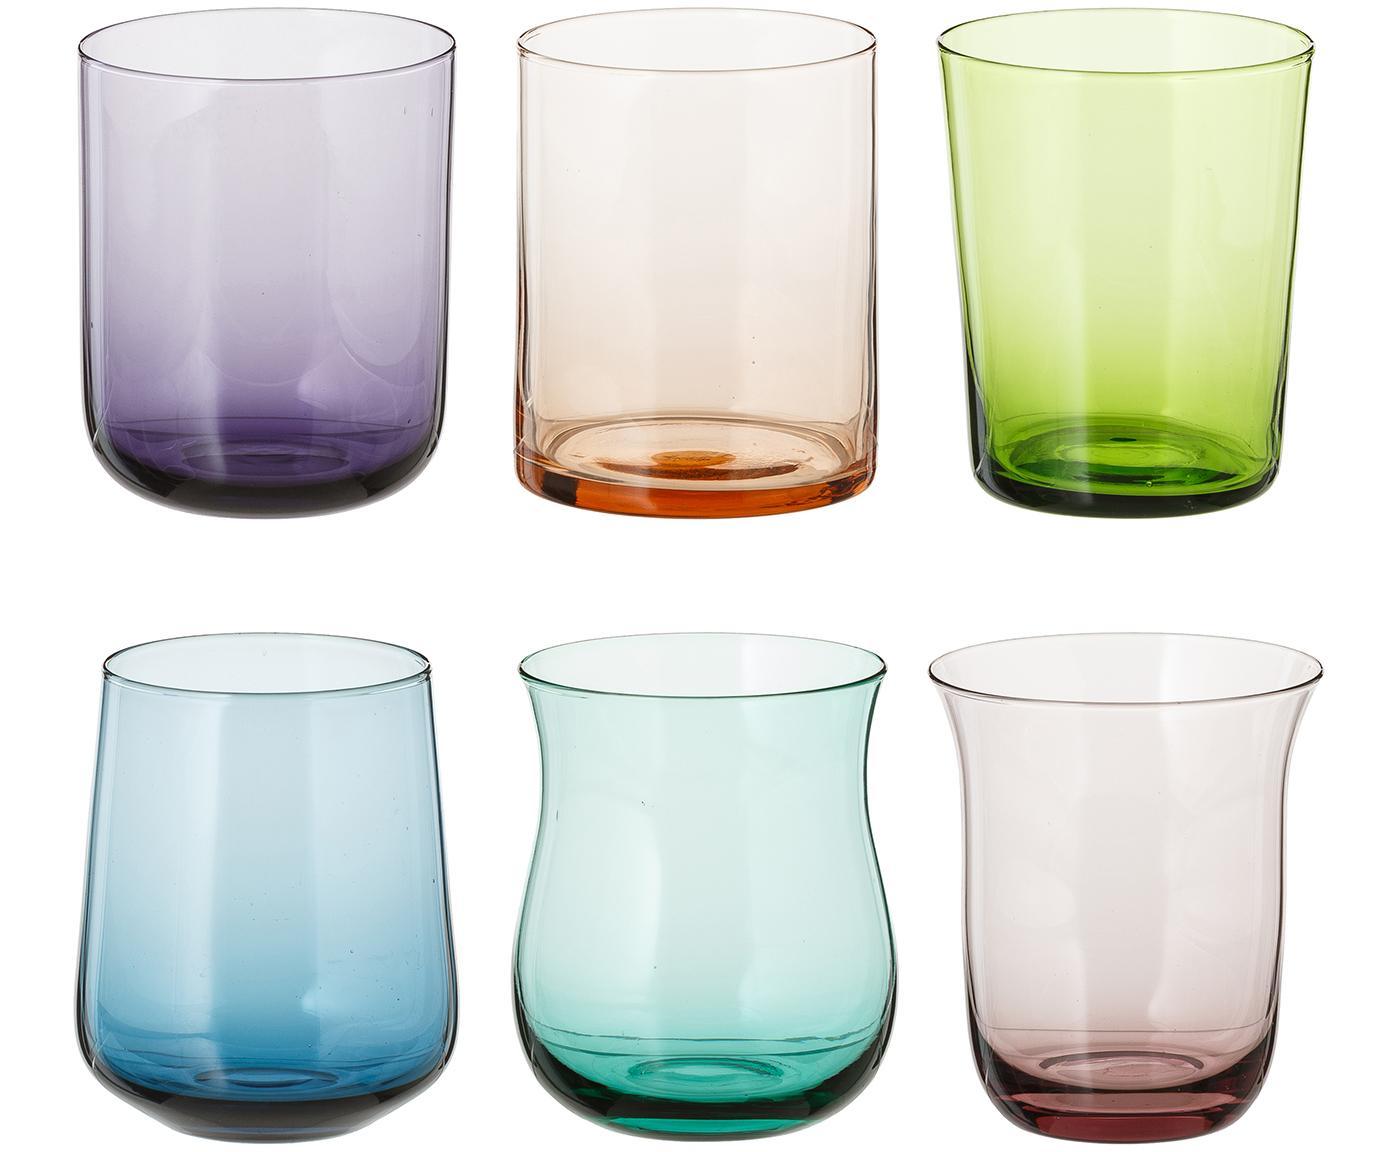 Bicchiere acqua in vetro soffiato Desigual 6 pz, Vetro soffiato, Multicolore, Ø 8 x Alt. 10 cm